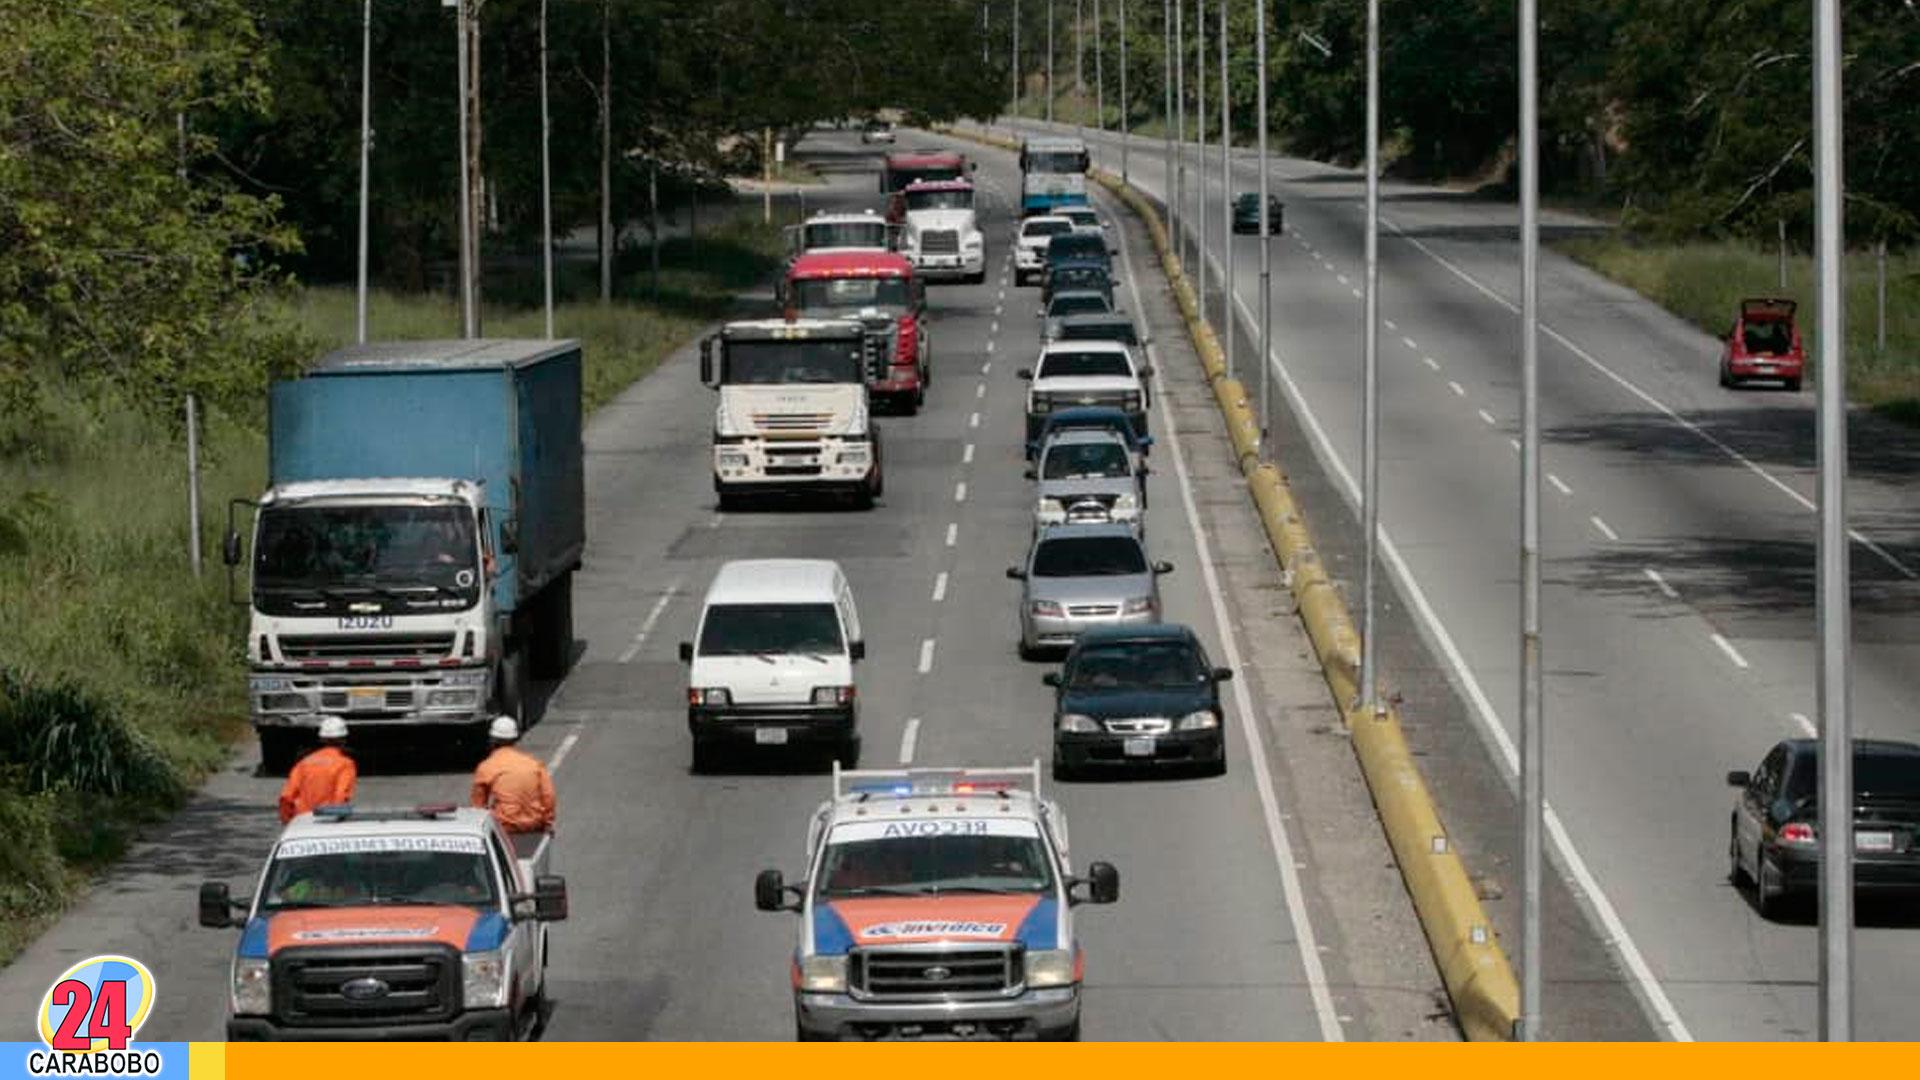 asueto de Carnaval 2020 - noticias 24 carabobo